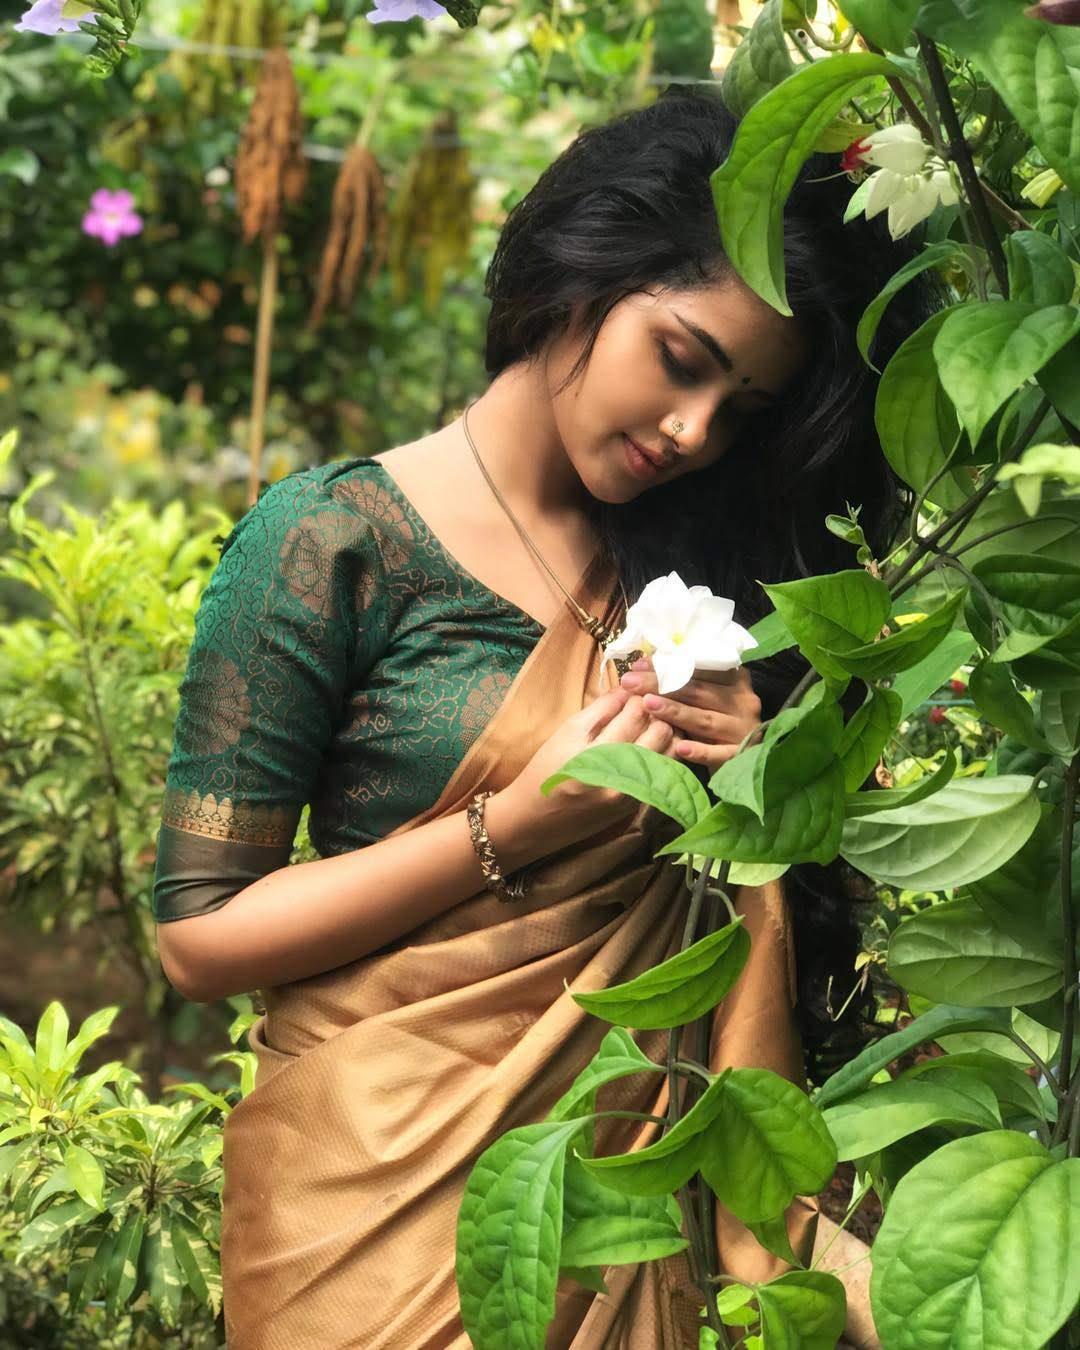 anupama_parameswaran_116